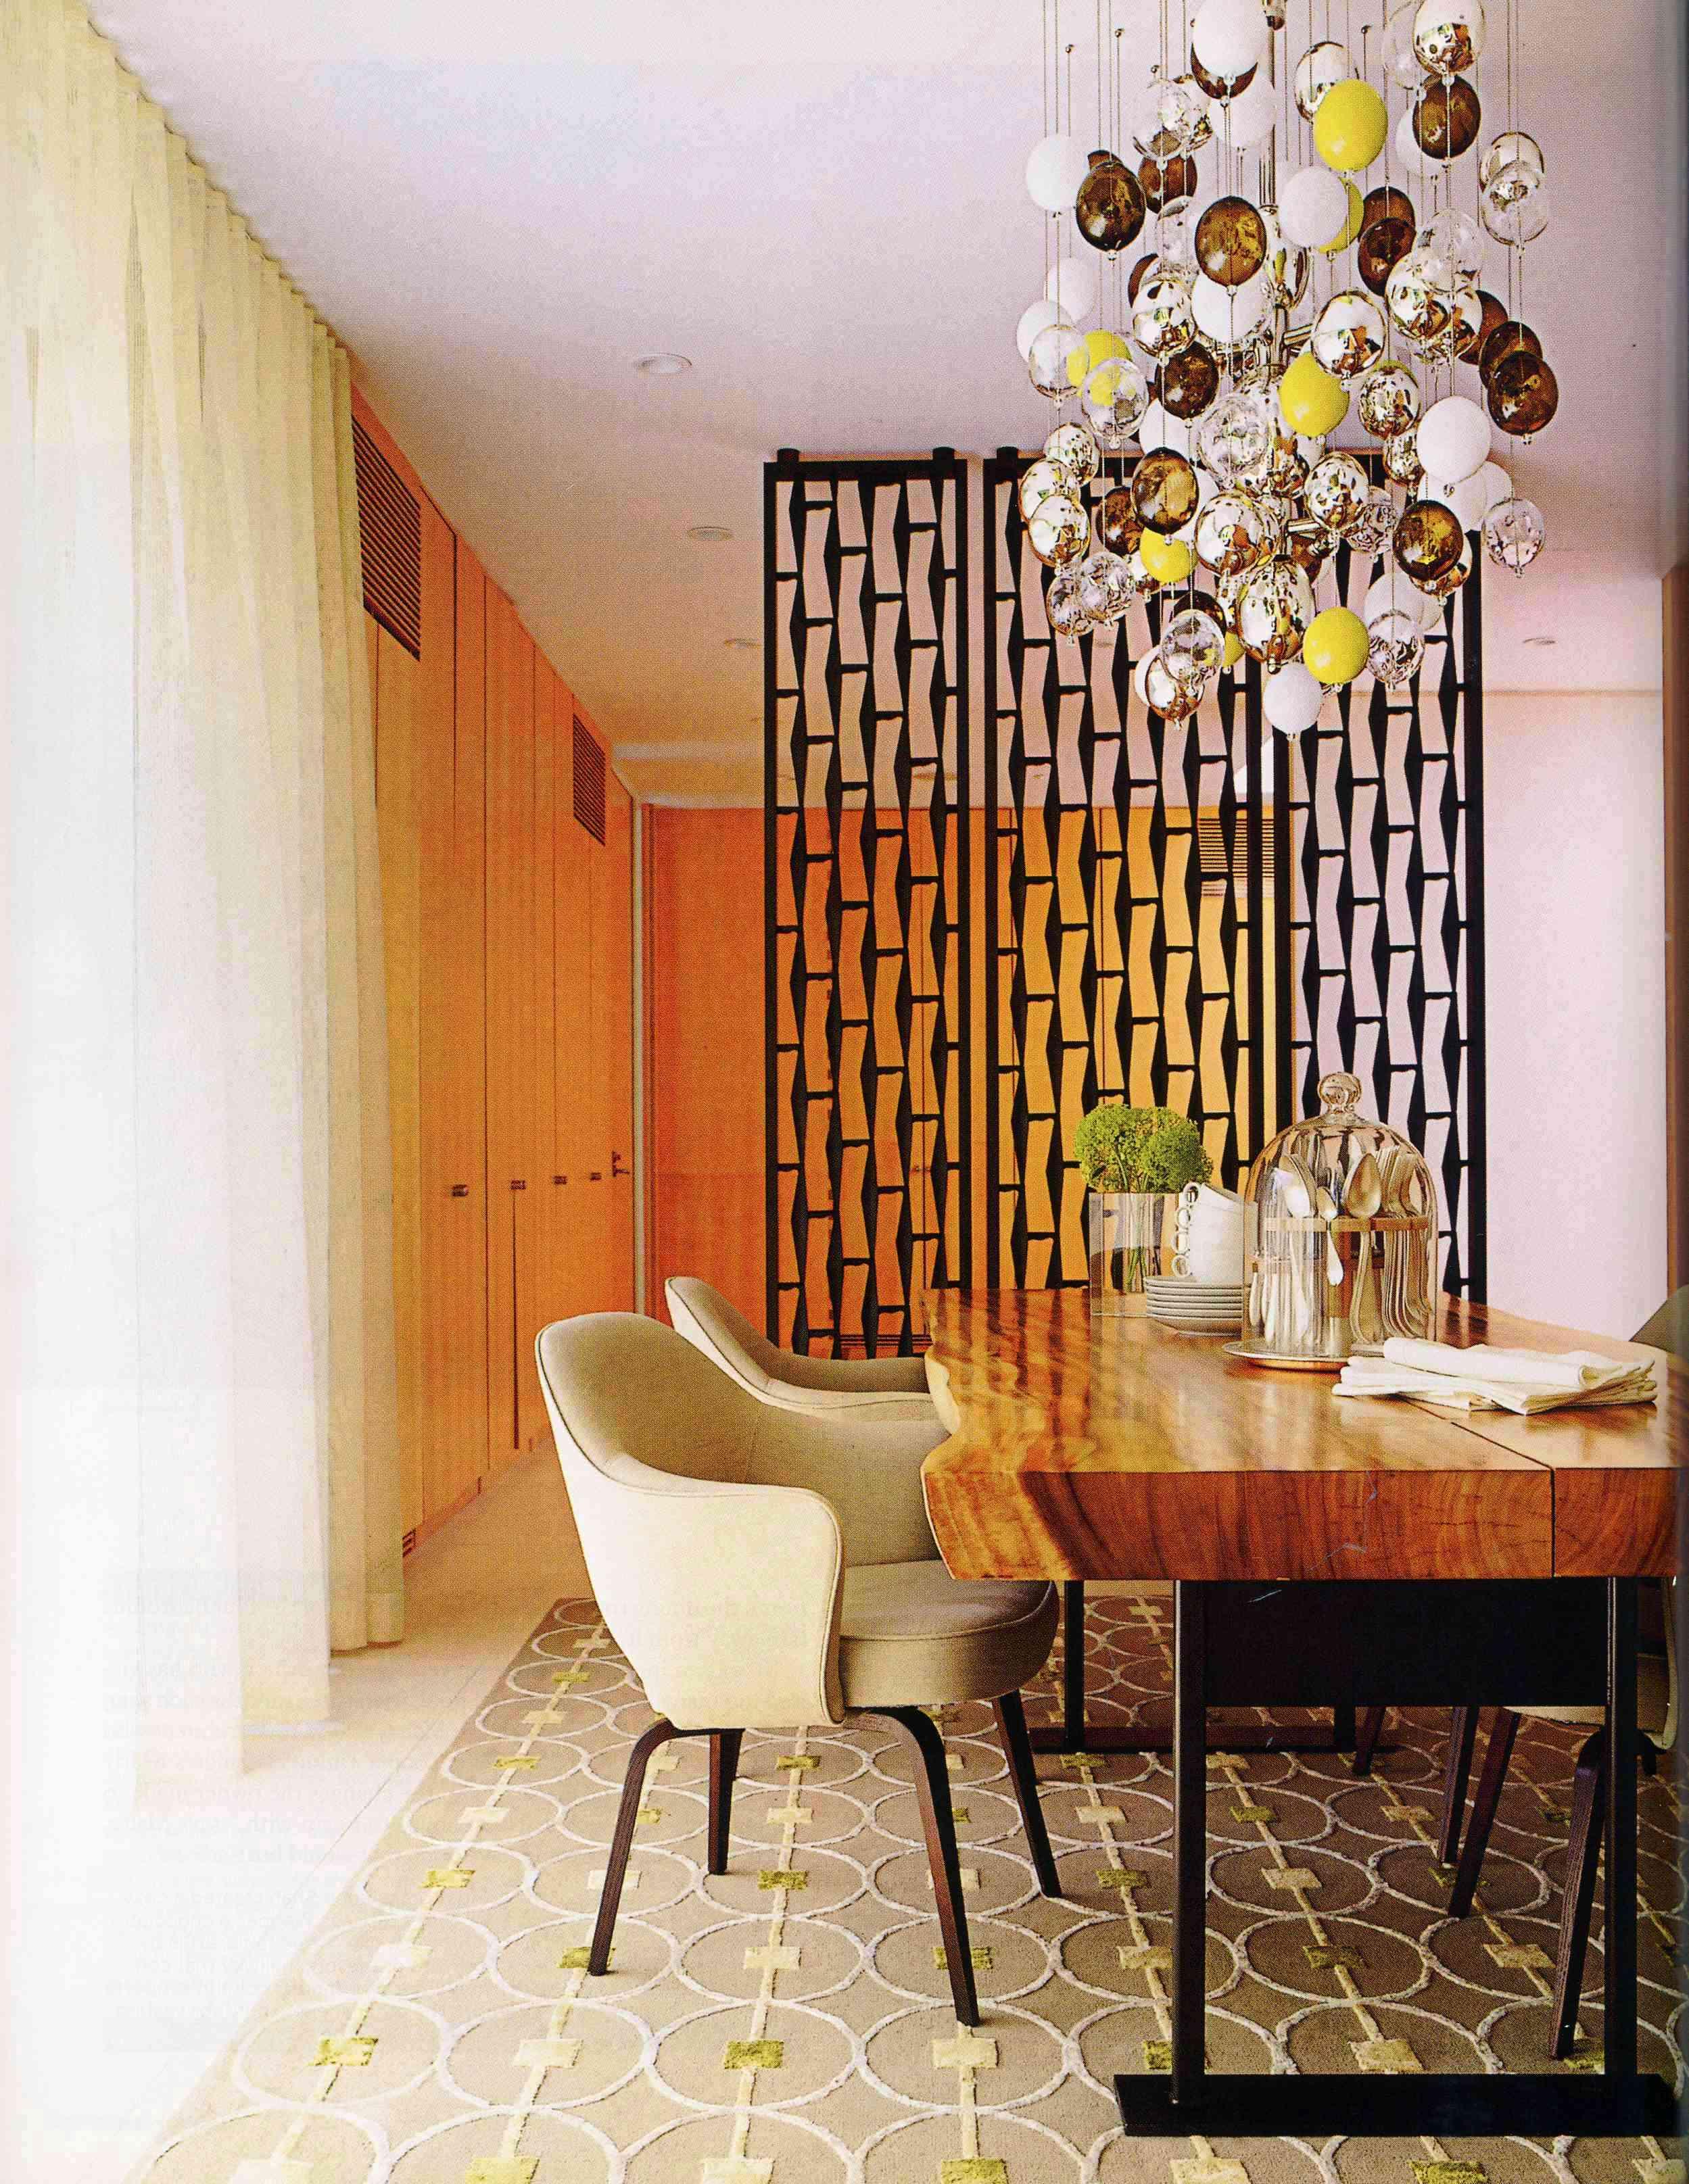 Met Home_Nov 08_Hamptons House_Full Article_Page_08.jpg